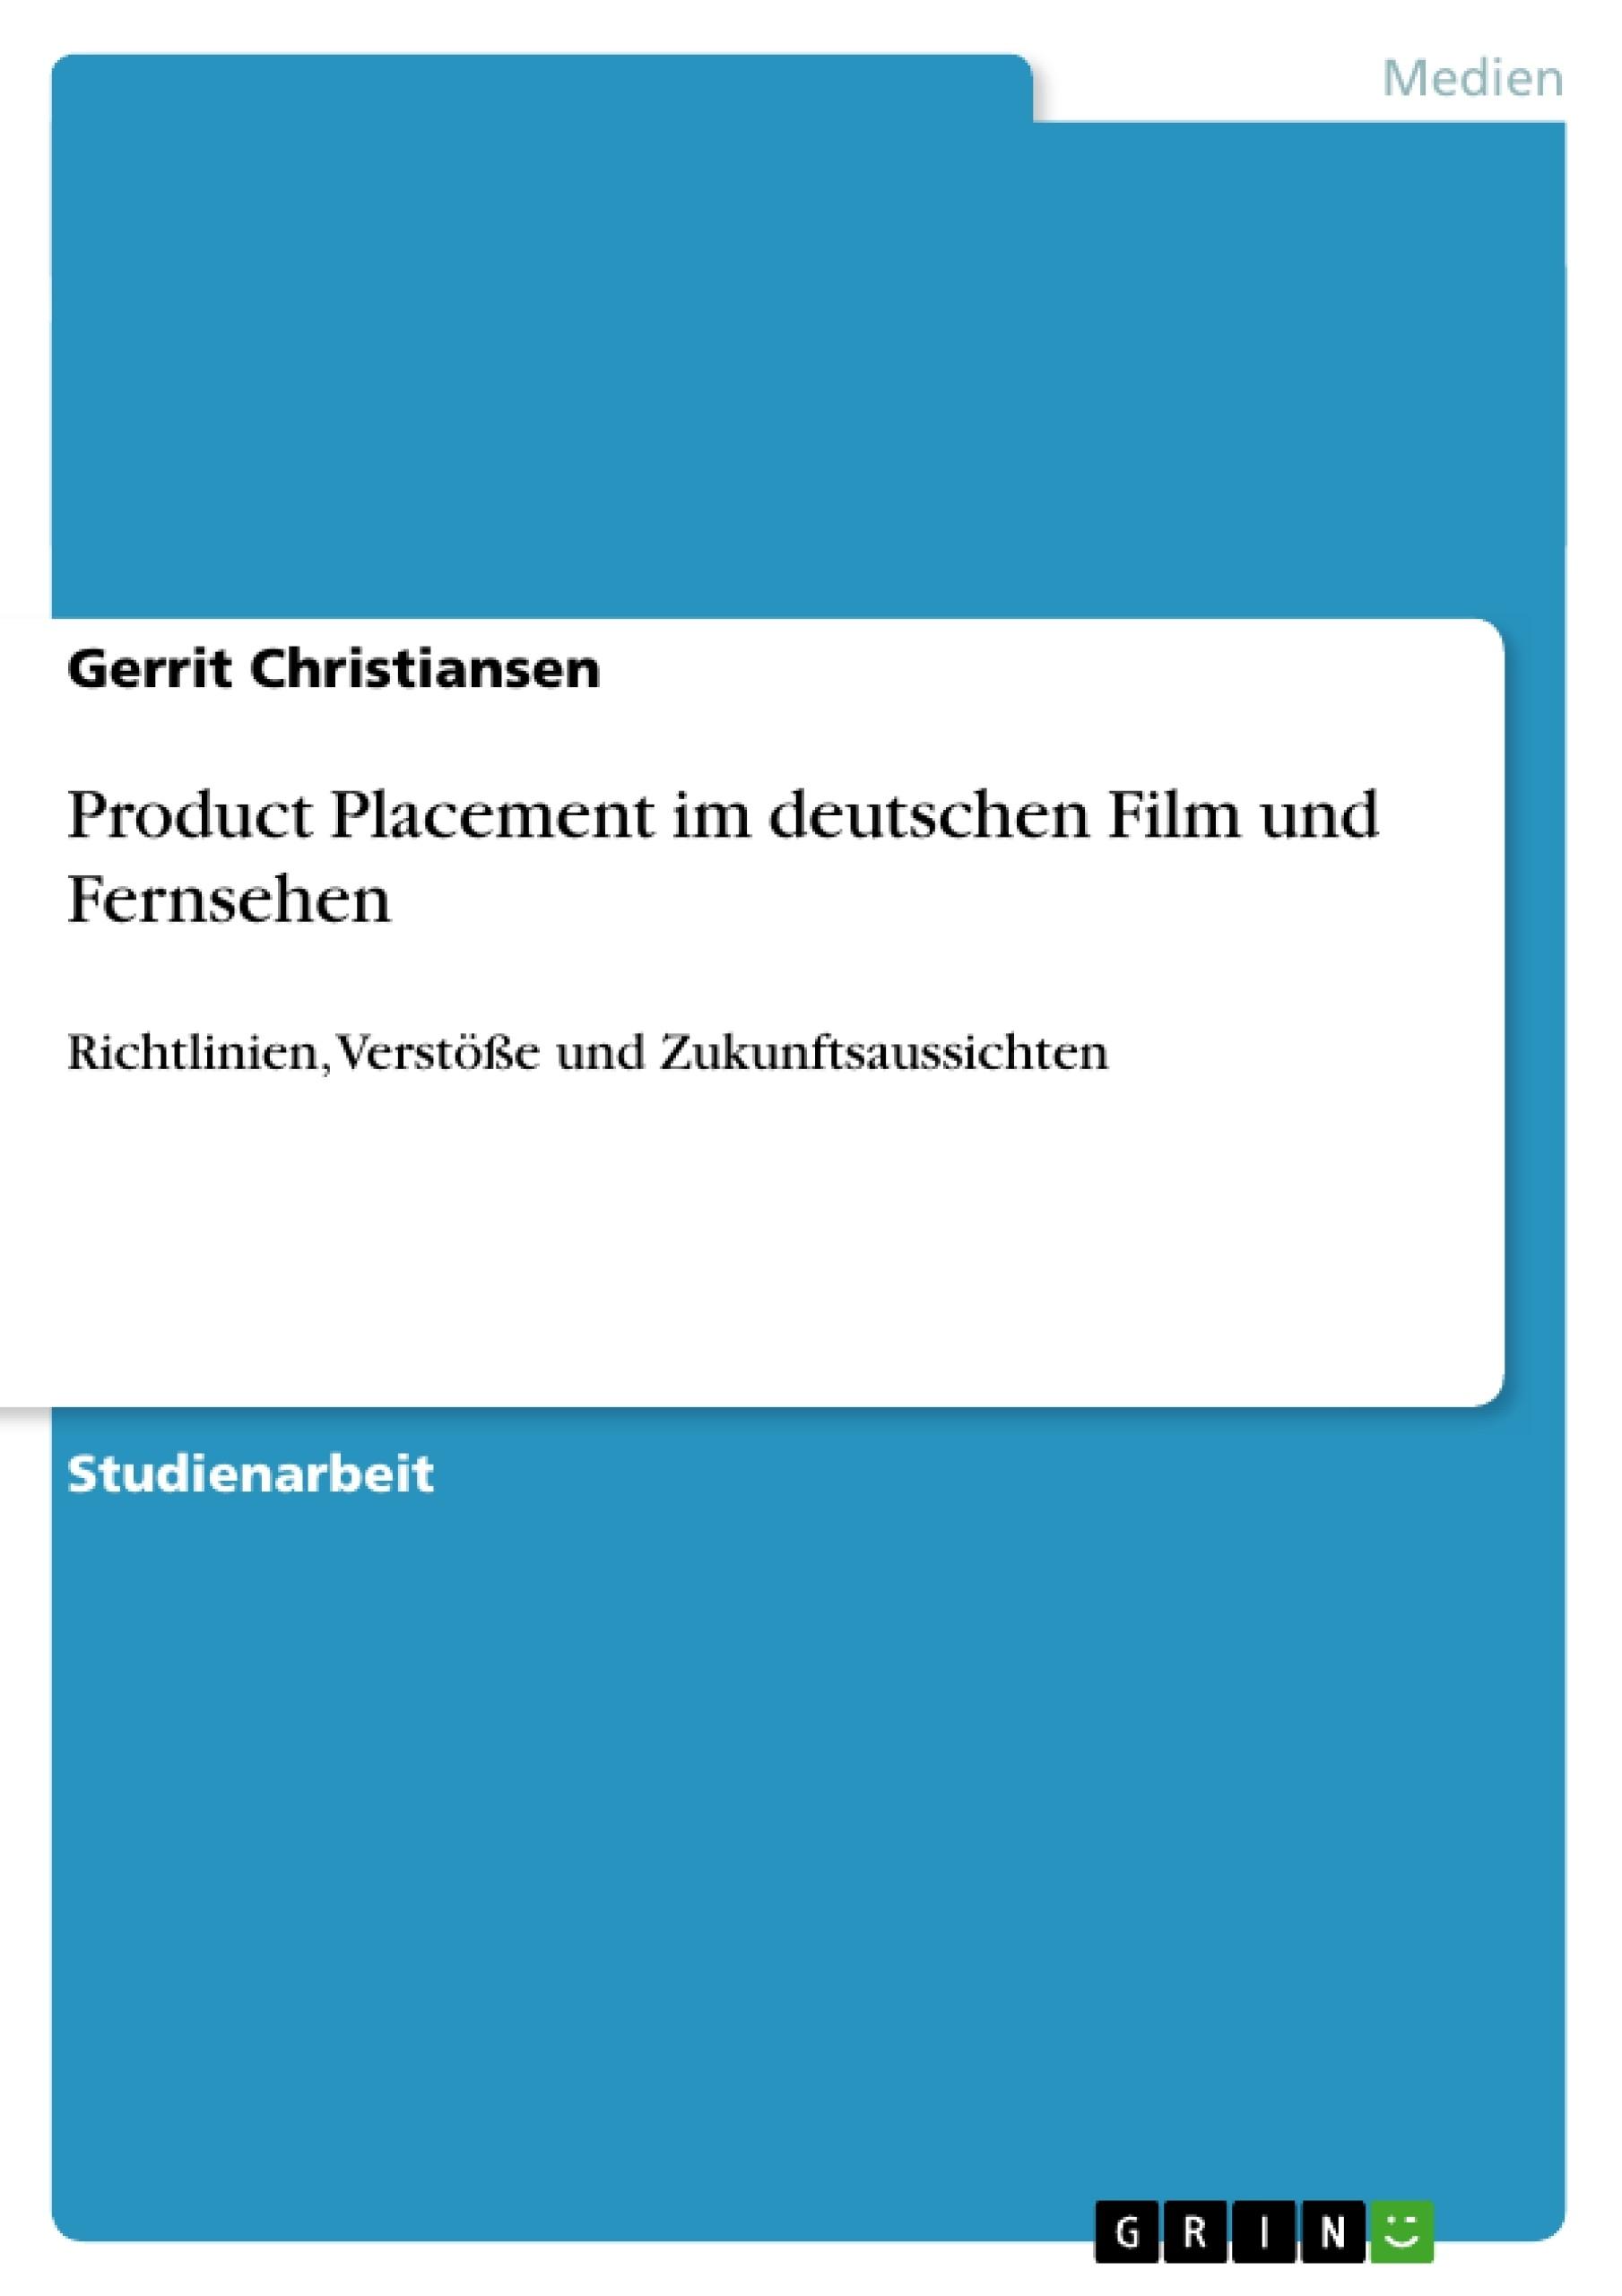 Titel: Product Placement im deutschen Film und Fernsehen